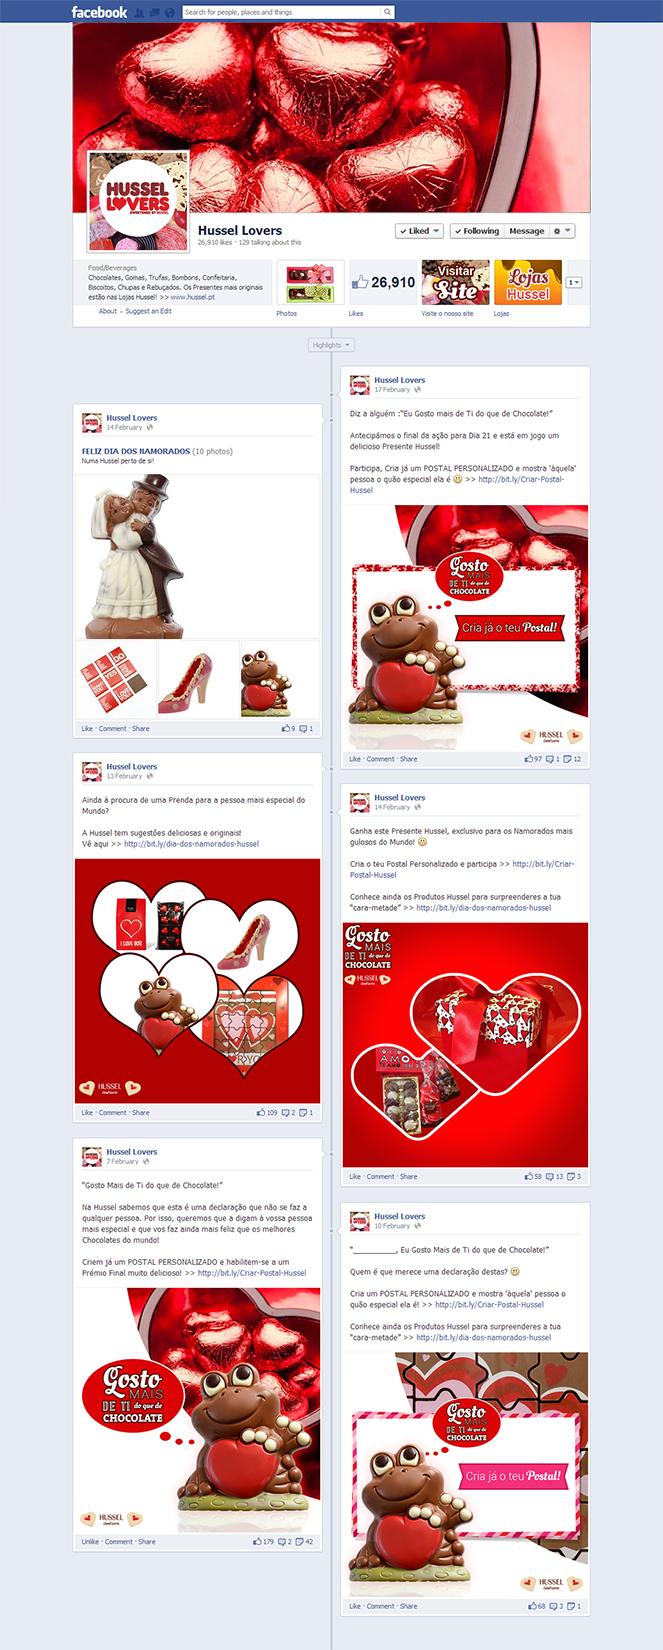 """""""Gosto mais de Ti do que de Chocolate"""" - Posts Facebook"""